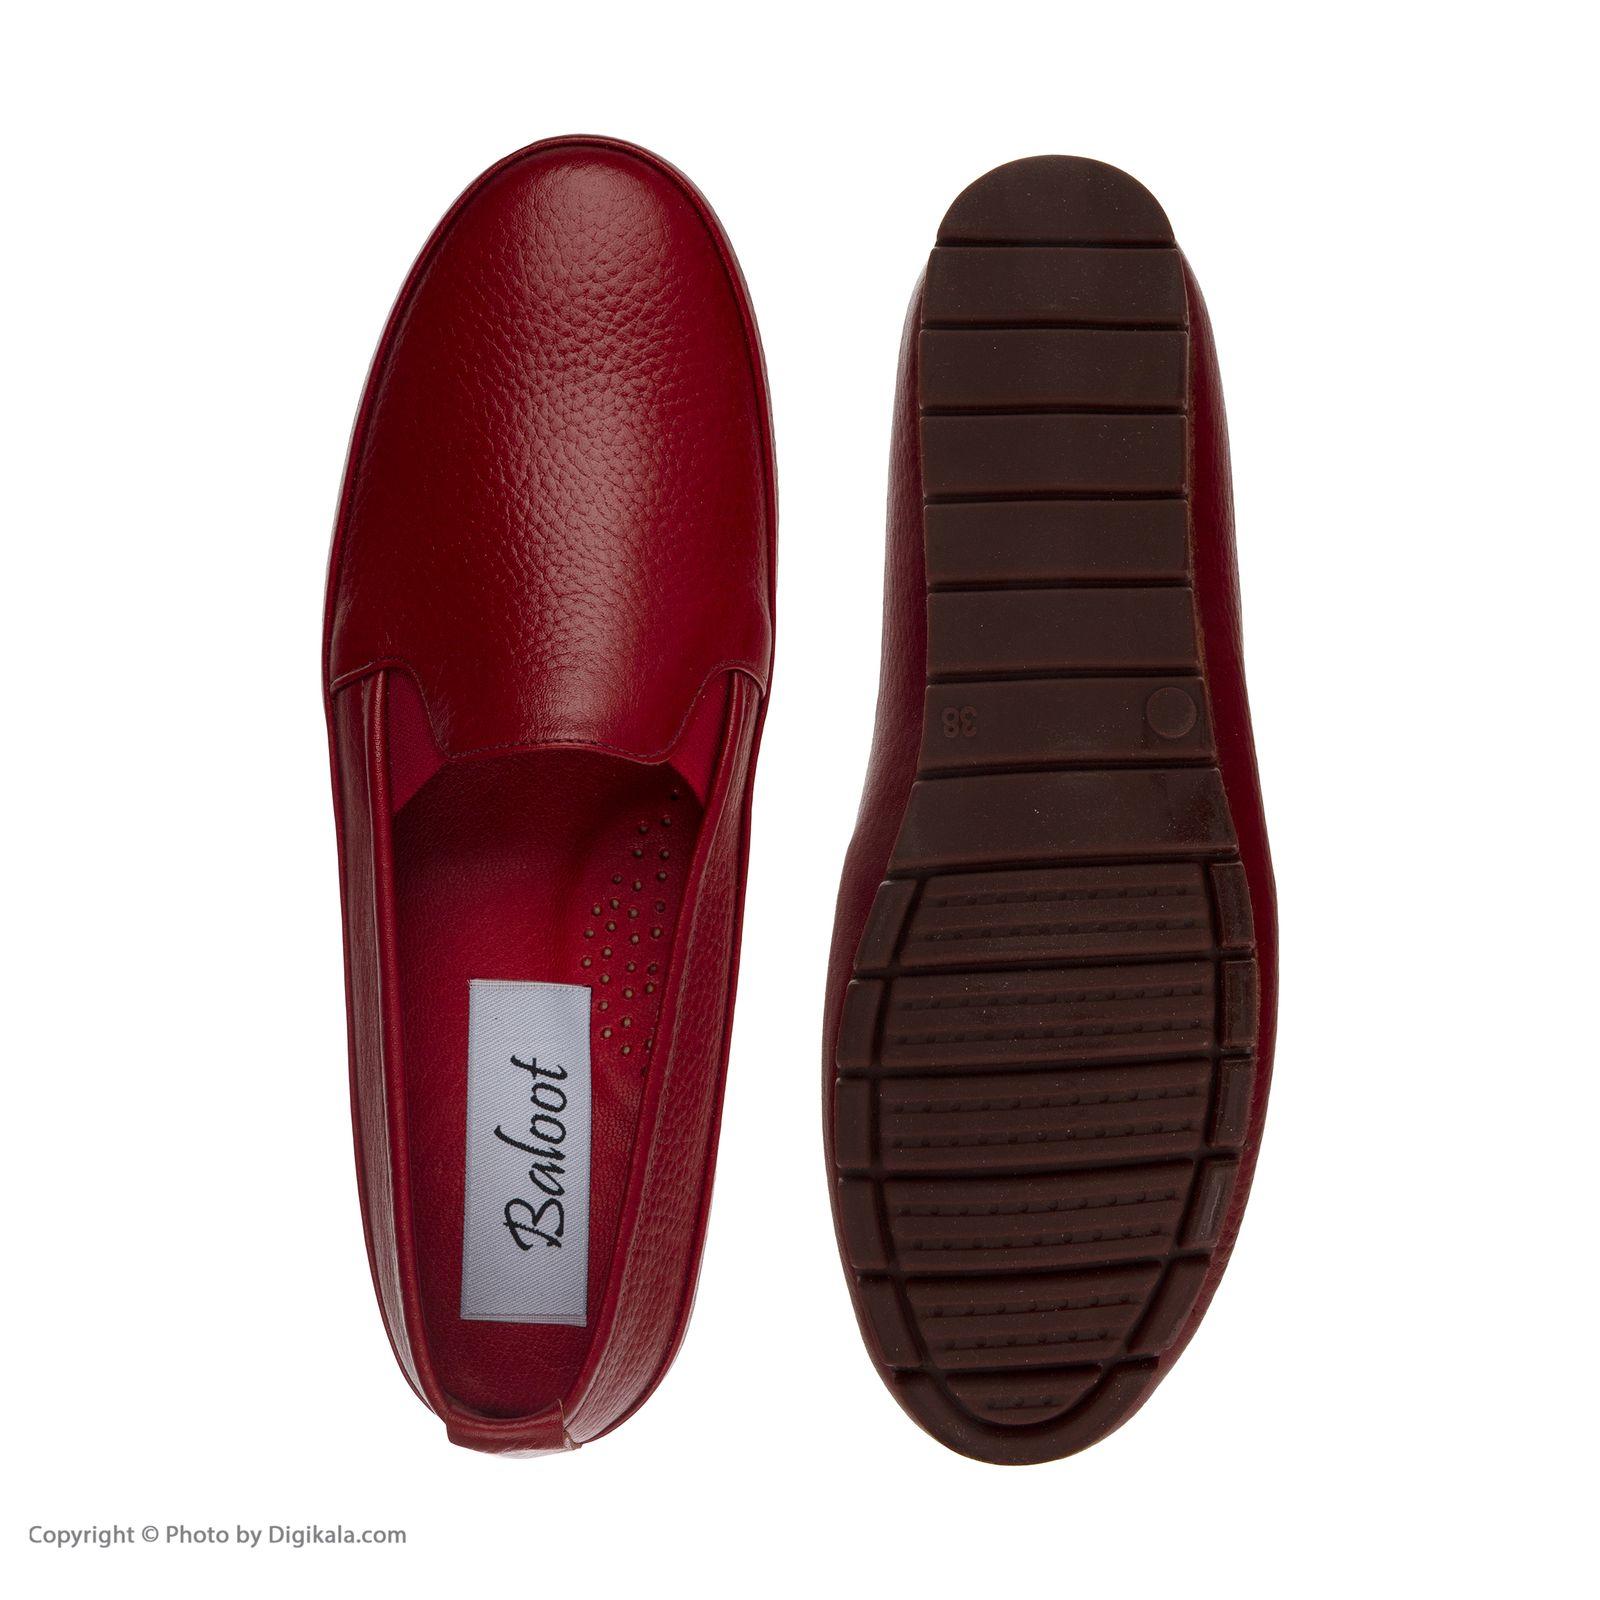 کفش روزمره زنانه بلوط مدل 5313A500102 -  - 4